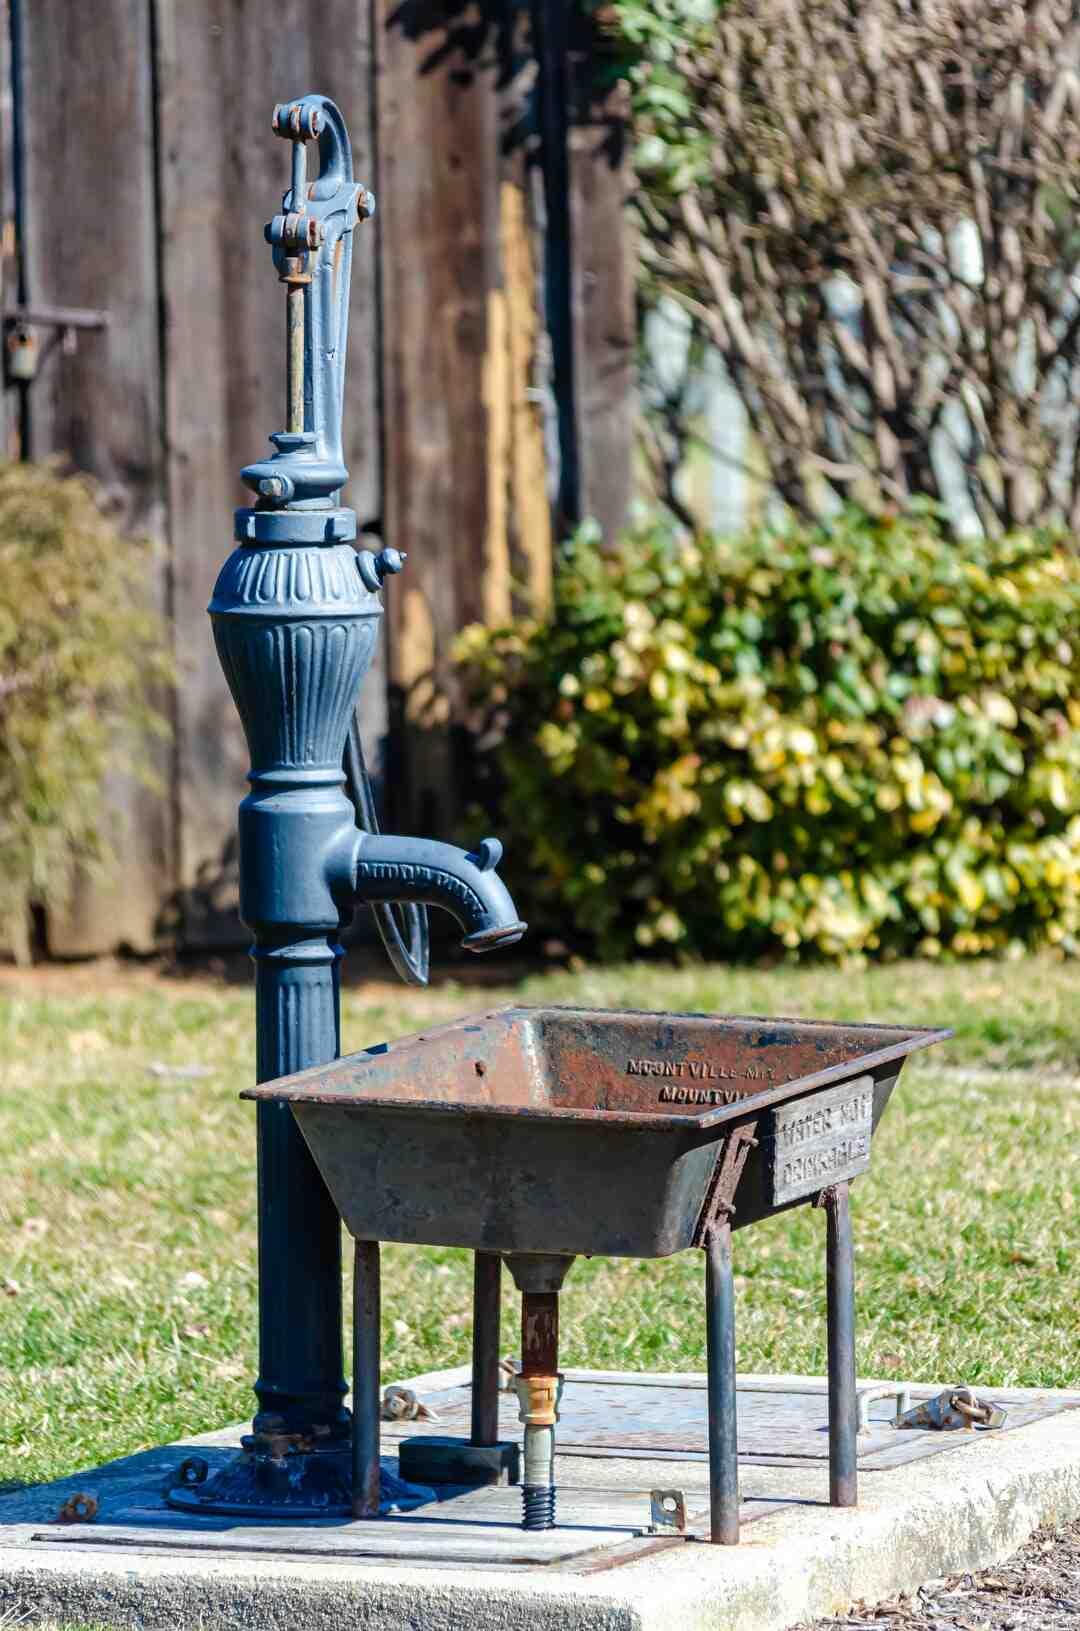 Comment réamorcer une pompe à eau de Camping-car ?